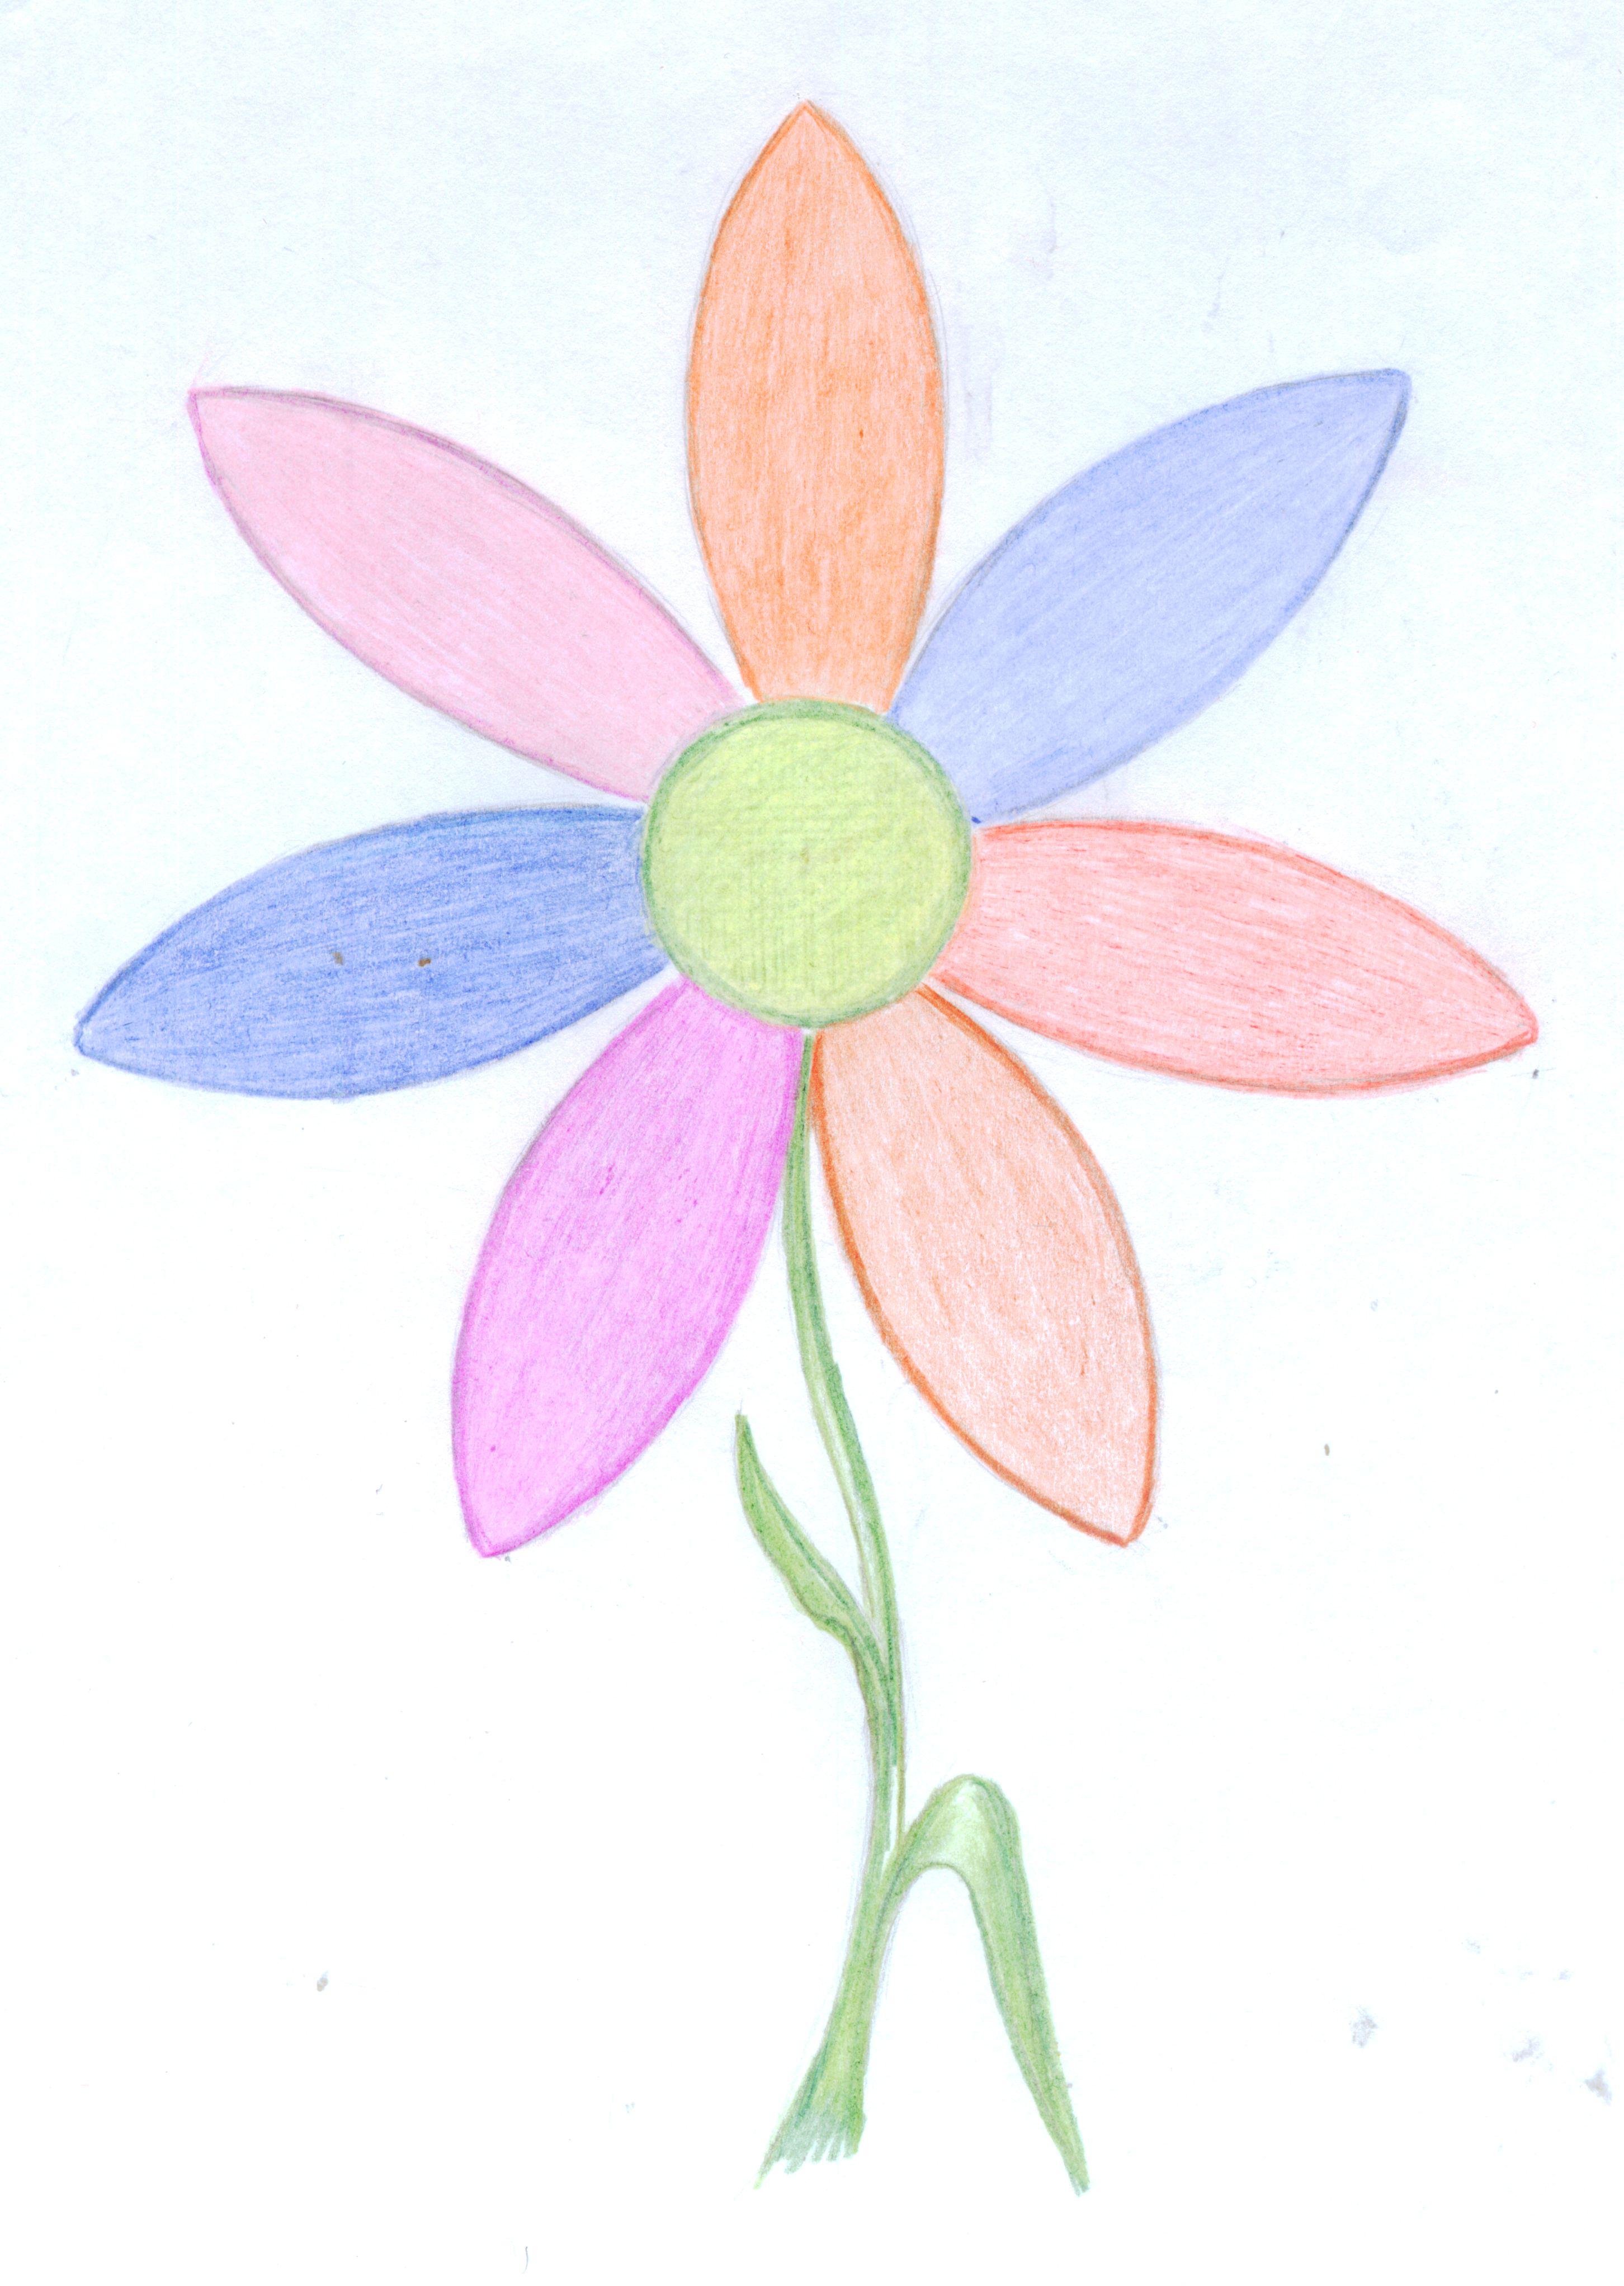 своими картинки цветик семицветик рисовать тех пор